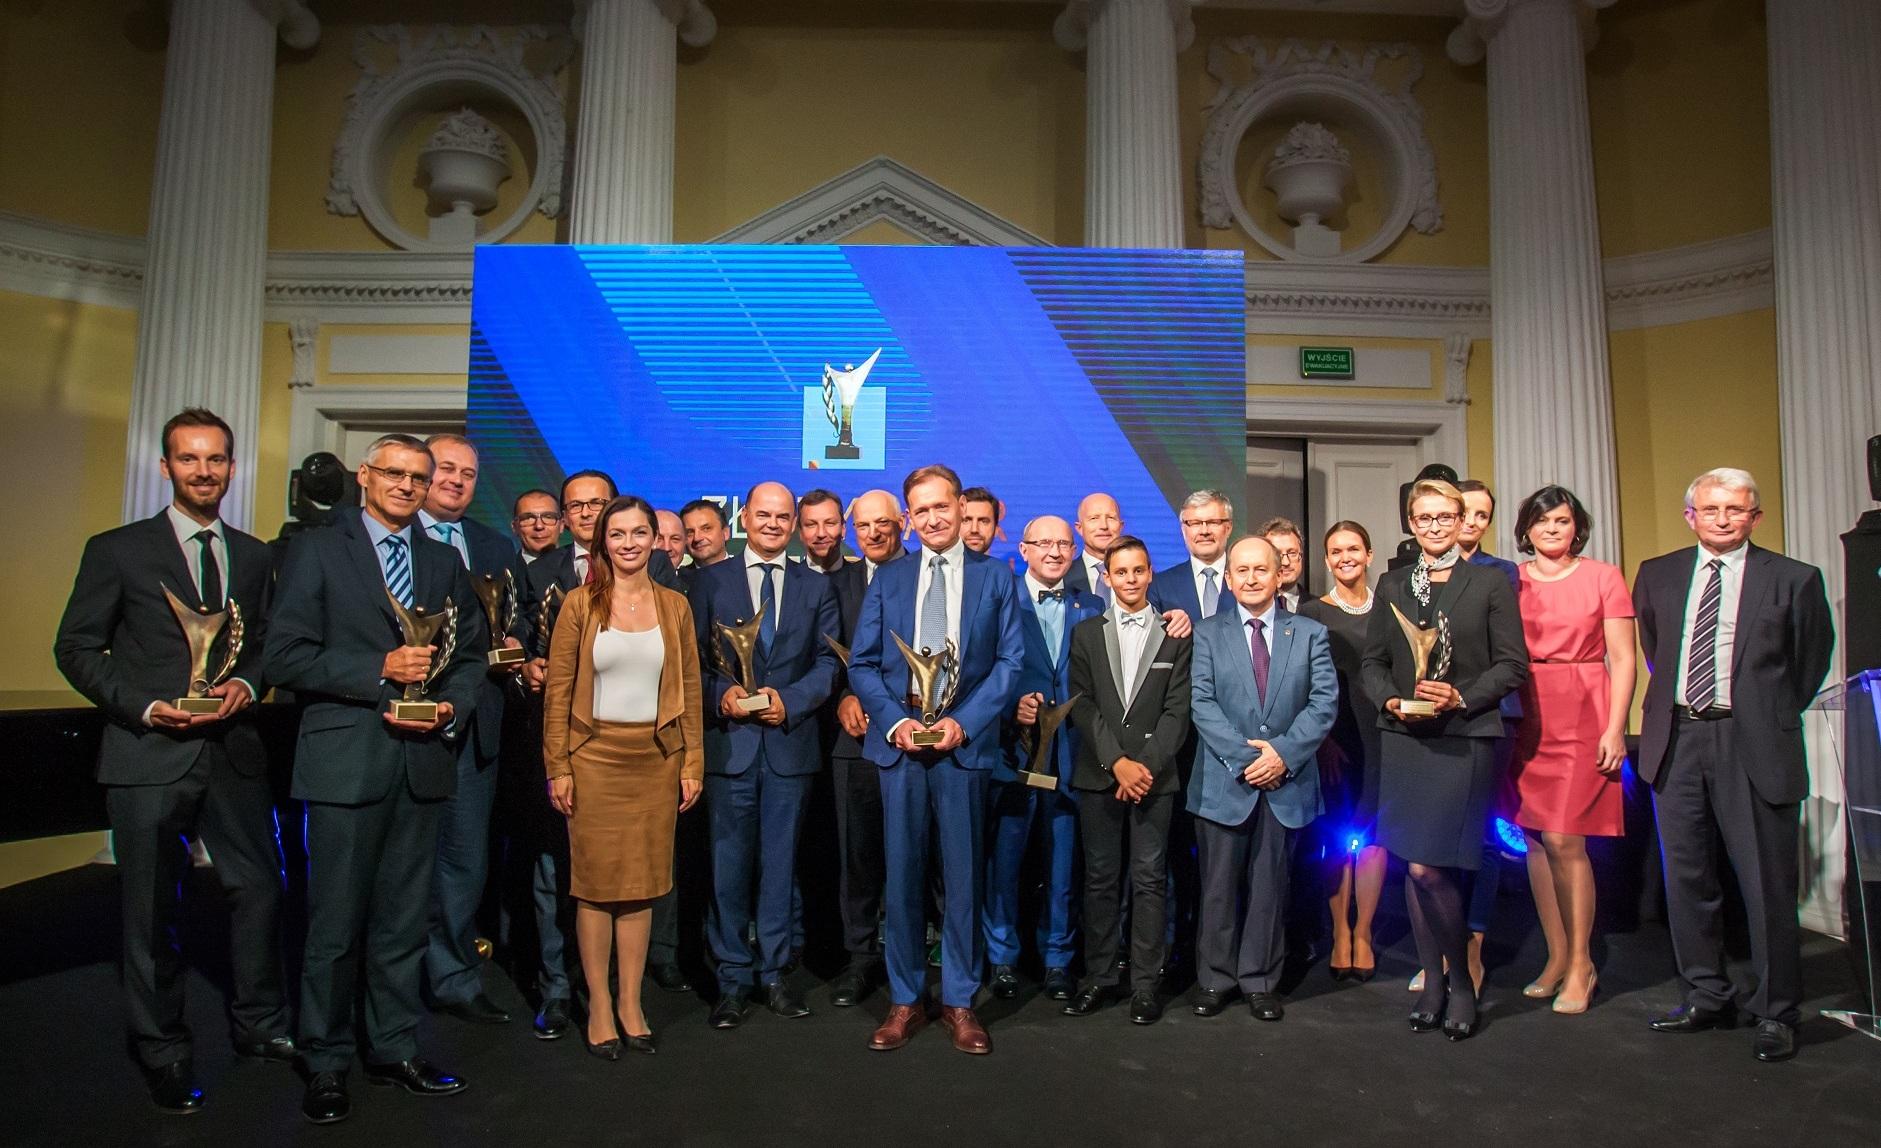 Znamy laureatów nagród Złoty Laur Super Biznesu Konkursy Zloty Laur Super Biznesu 2015 FOTO